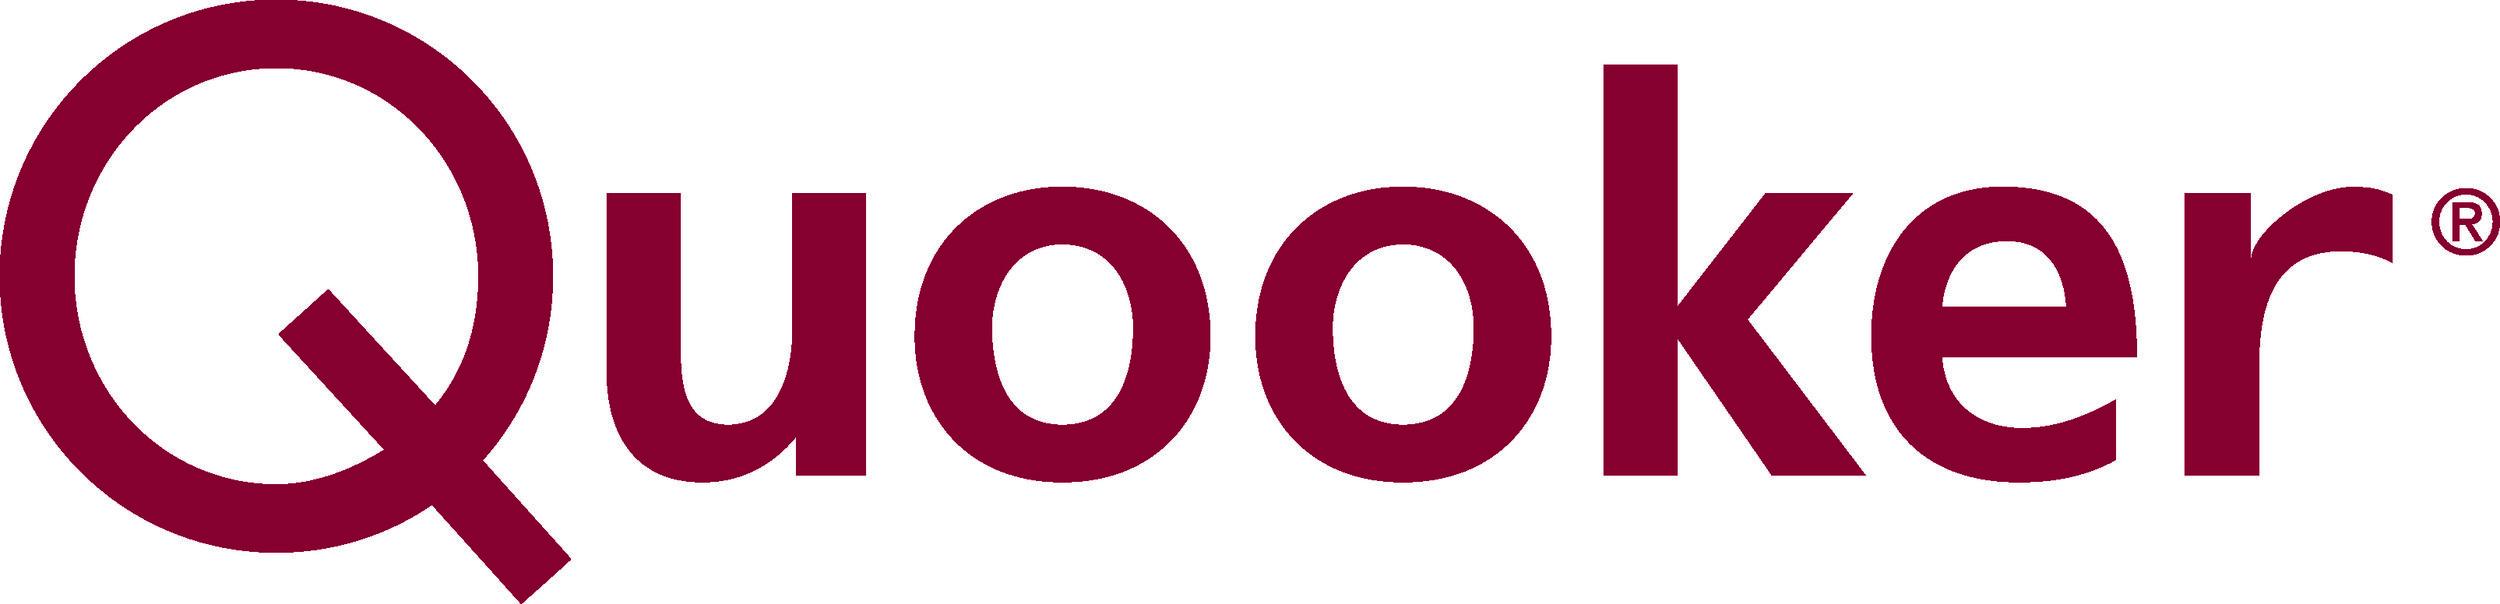 Quooker-Logo2.jpg